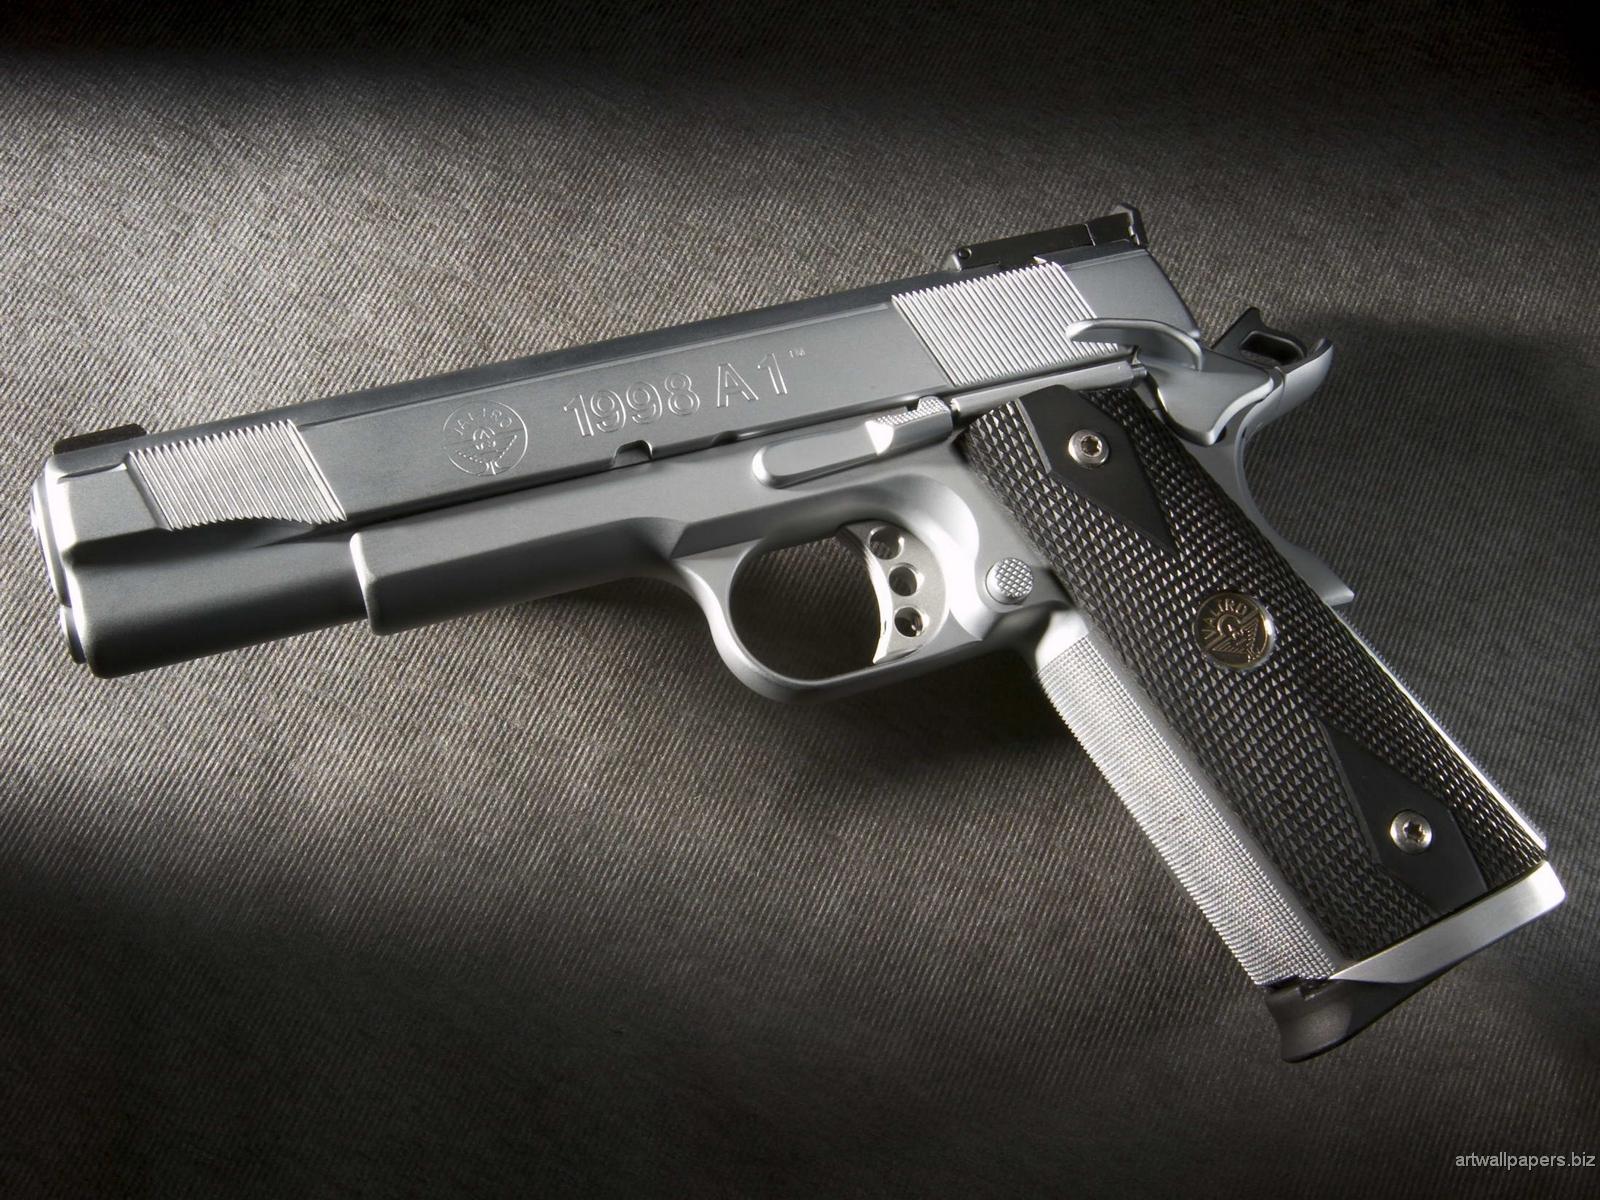 Gun Images Wallpapers - WallpaperSafari